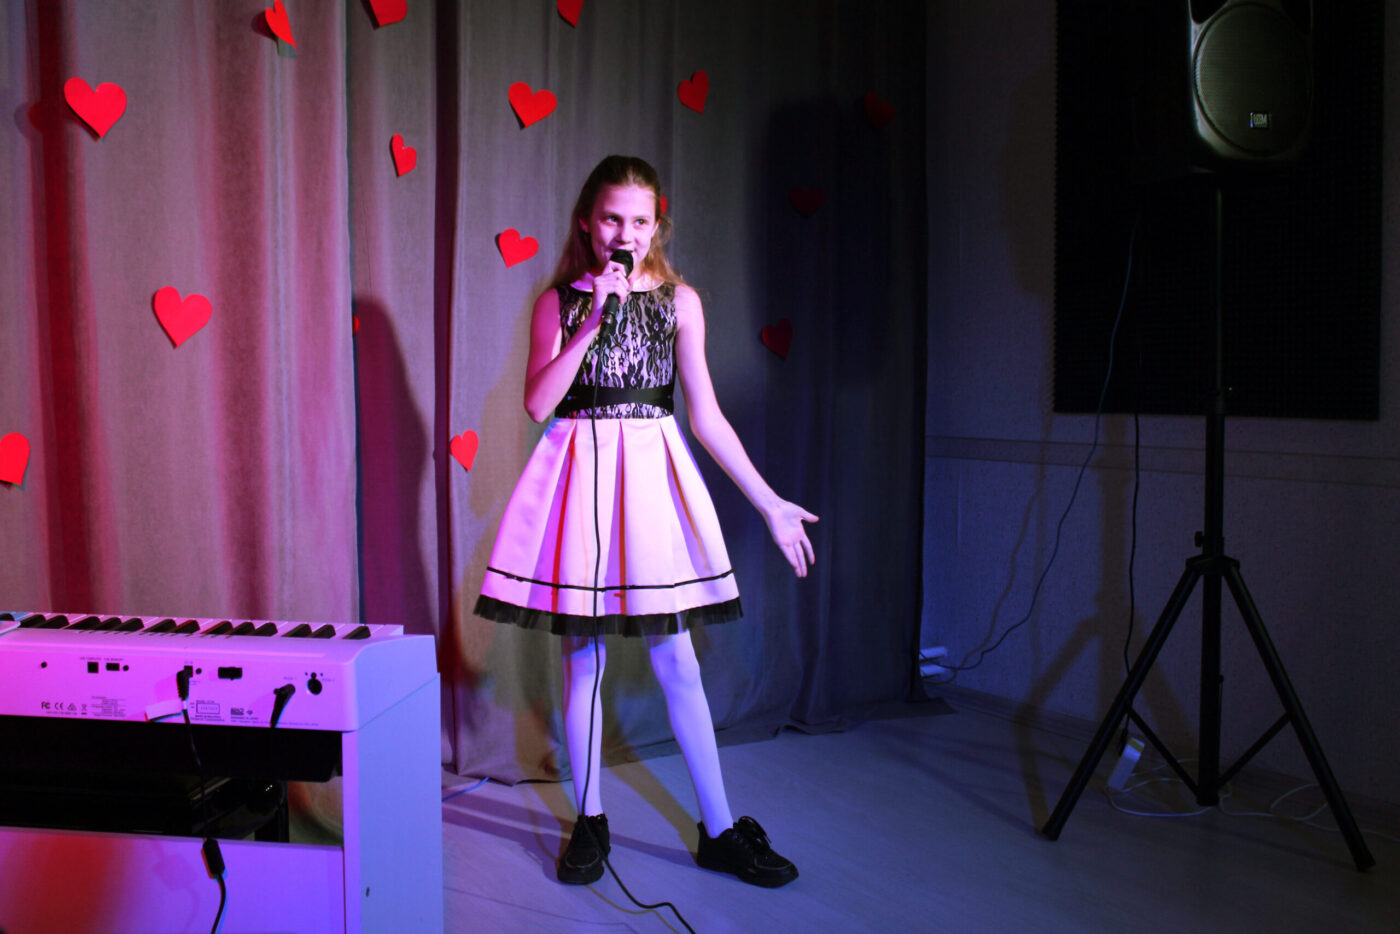 Квартирник 14.02.20 «День всех влюблённых»